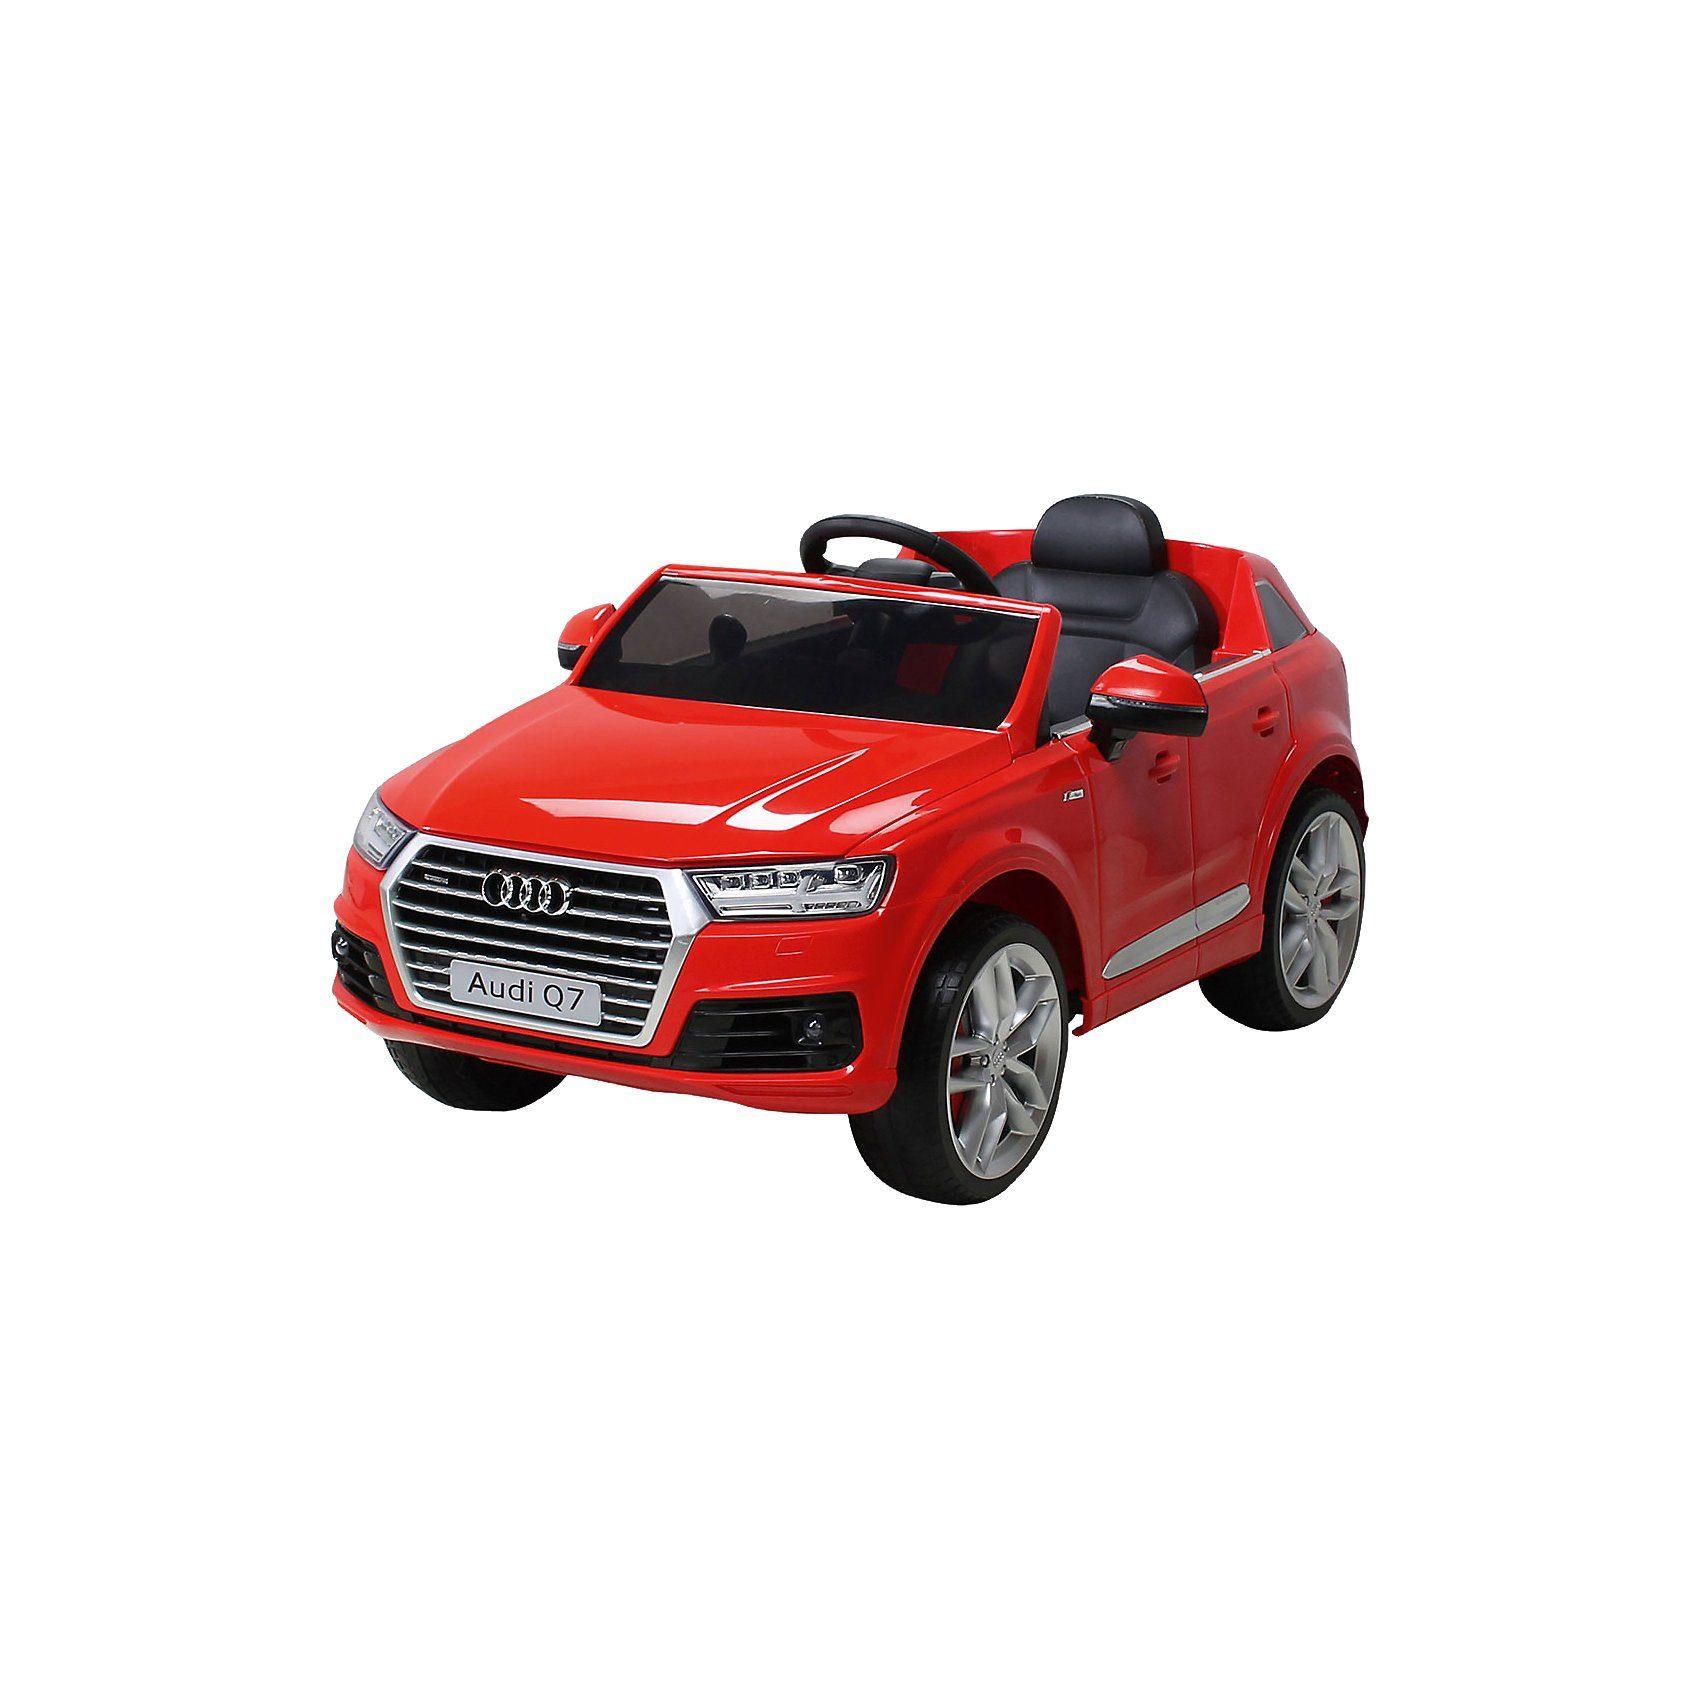 Kinder Elektroauto Audi Q7 2016 SUV Lizenziert, rot